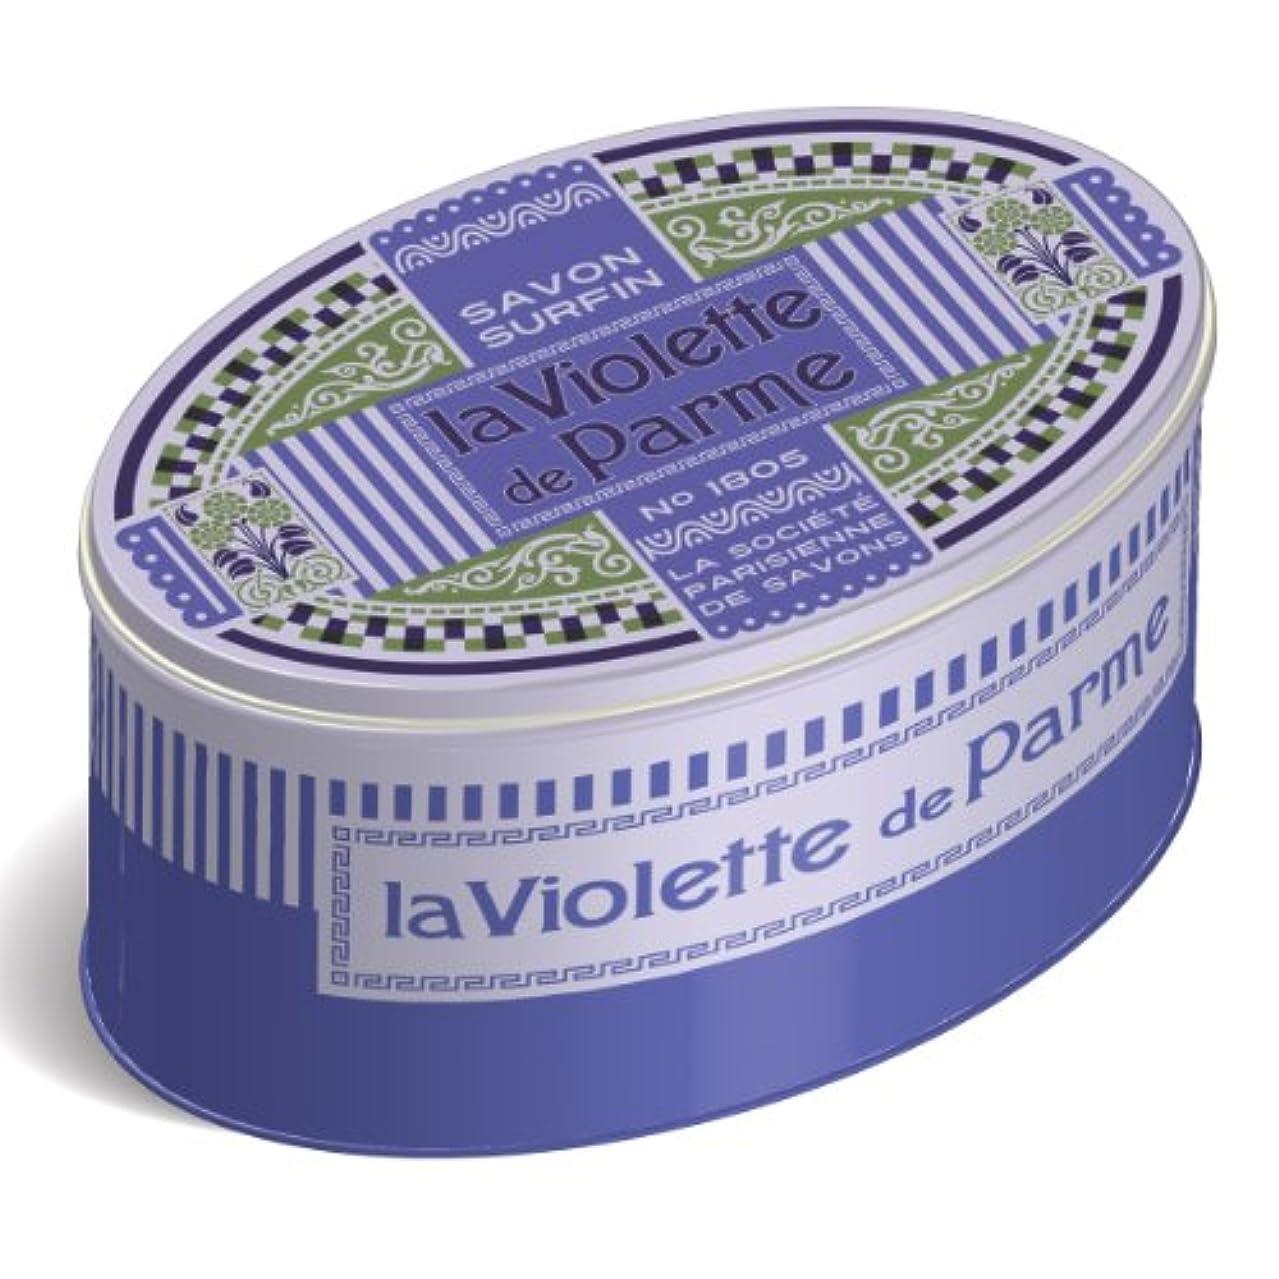 シーサイドコンパス学校の先生LA SOCIETE PARISIENNE DE SAVONS フレグランスソープ(缶入) 250g 「ラヴィオットデパルム」 3440576130614